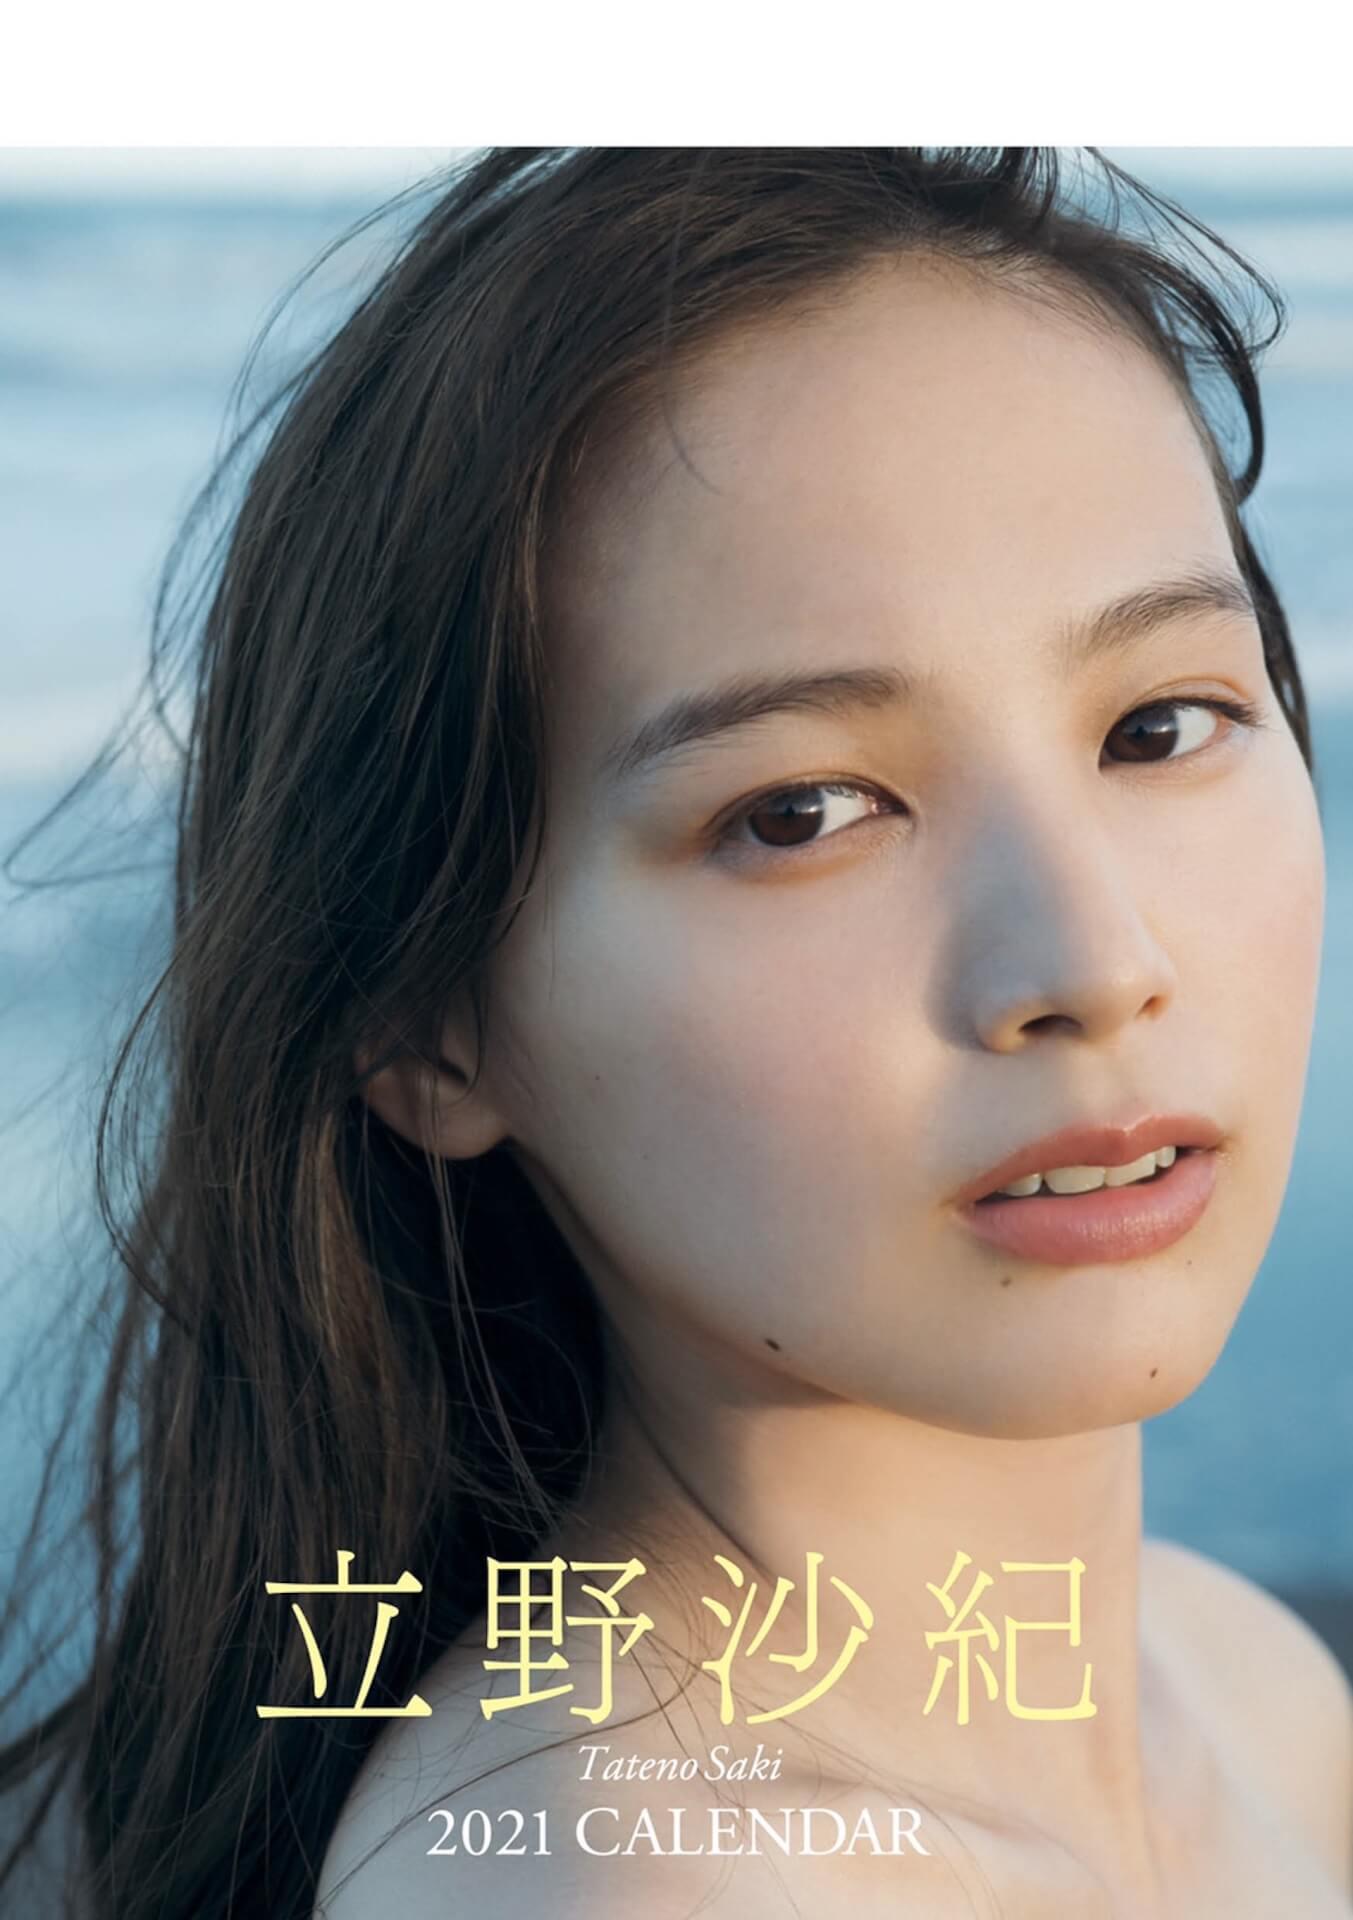 スレンダーボディで魅せる立野沙紀の初ソロカレンダーが販売開始!健康美あふれるカラフルビキニショットを披露 art201109_tatenosaki_1